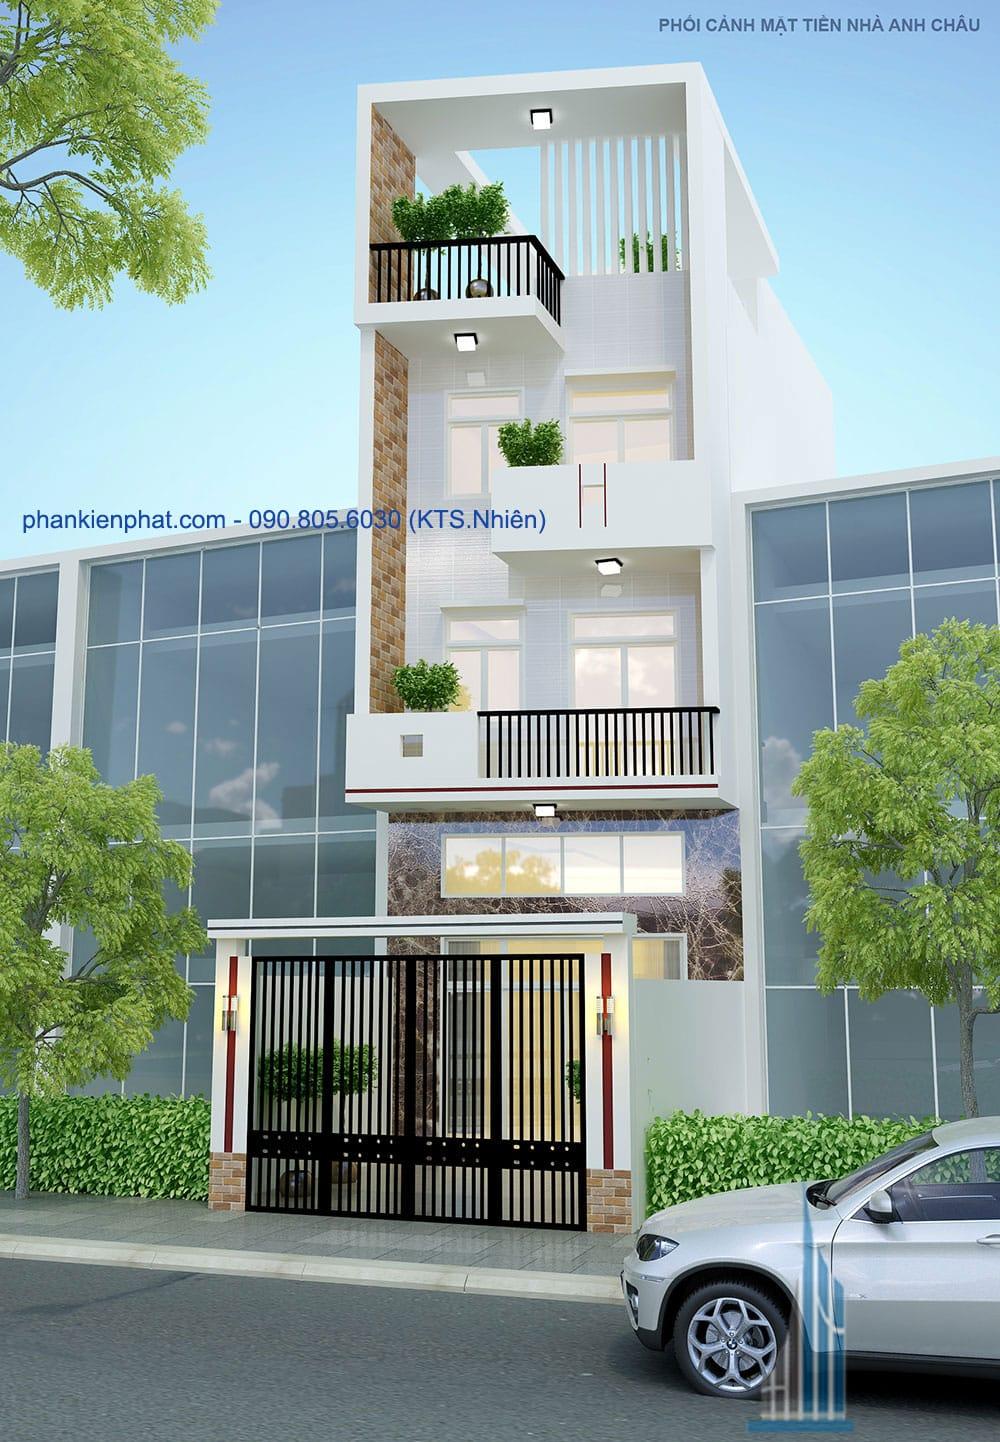 Thiết kế thi công công trình nhà phố 5 tầng tại Quận 8